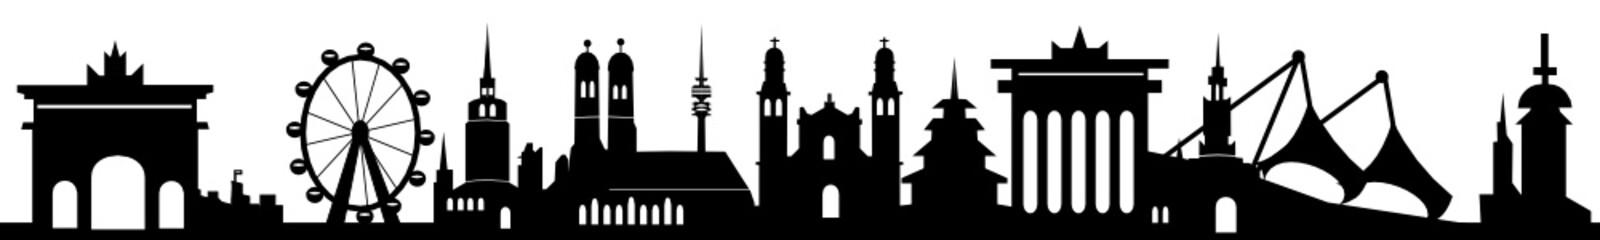 Skyline München mit Wahrzeichen